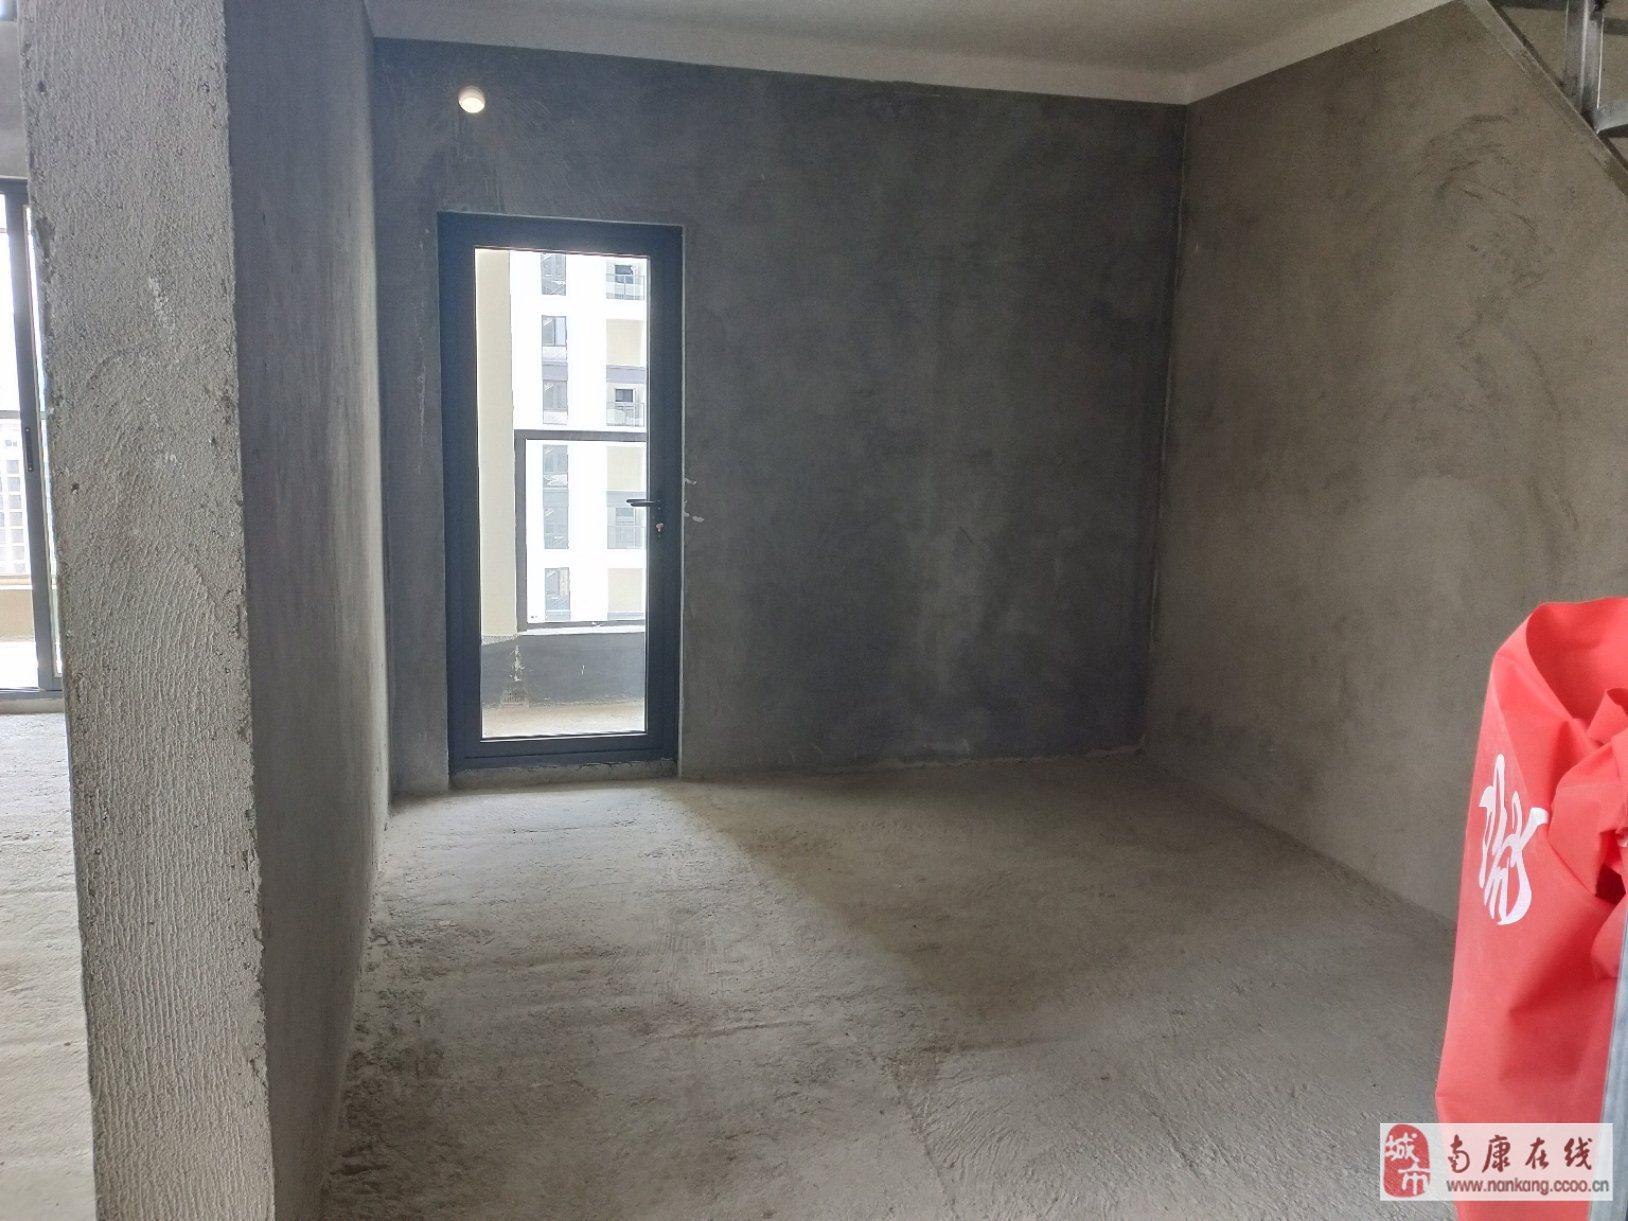 佳興云府5房邊套采光好品質小區房只售189萬元